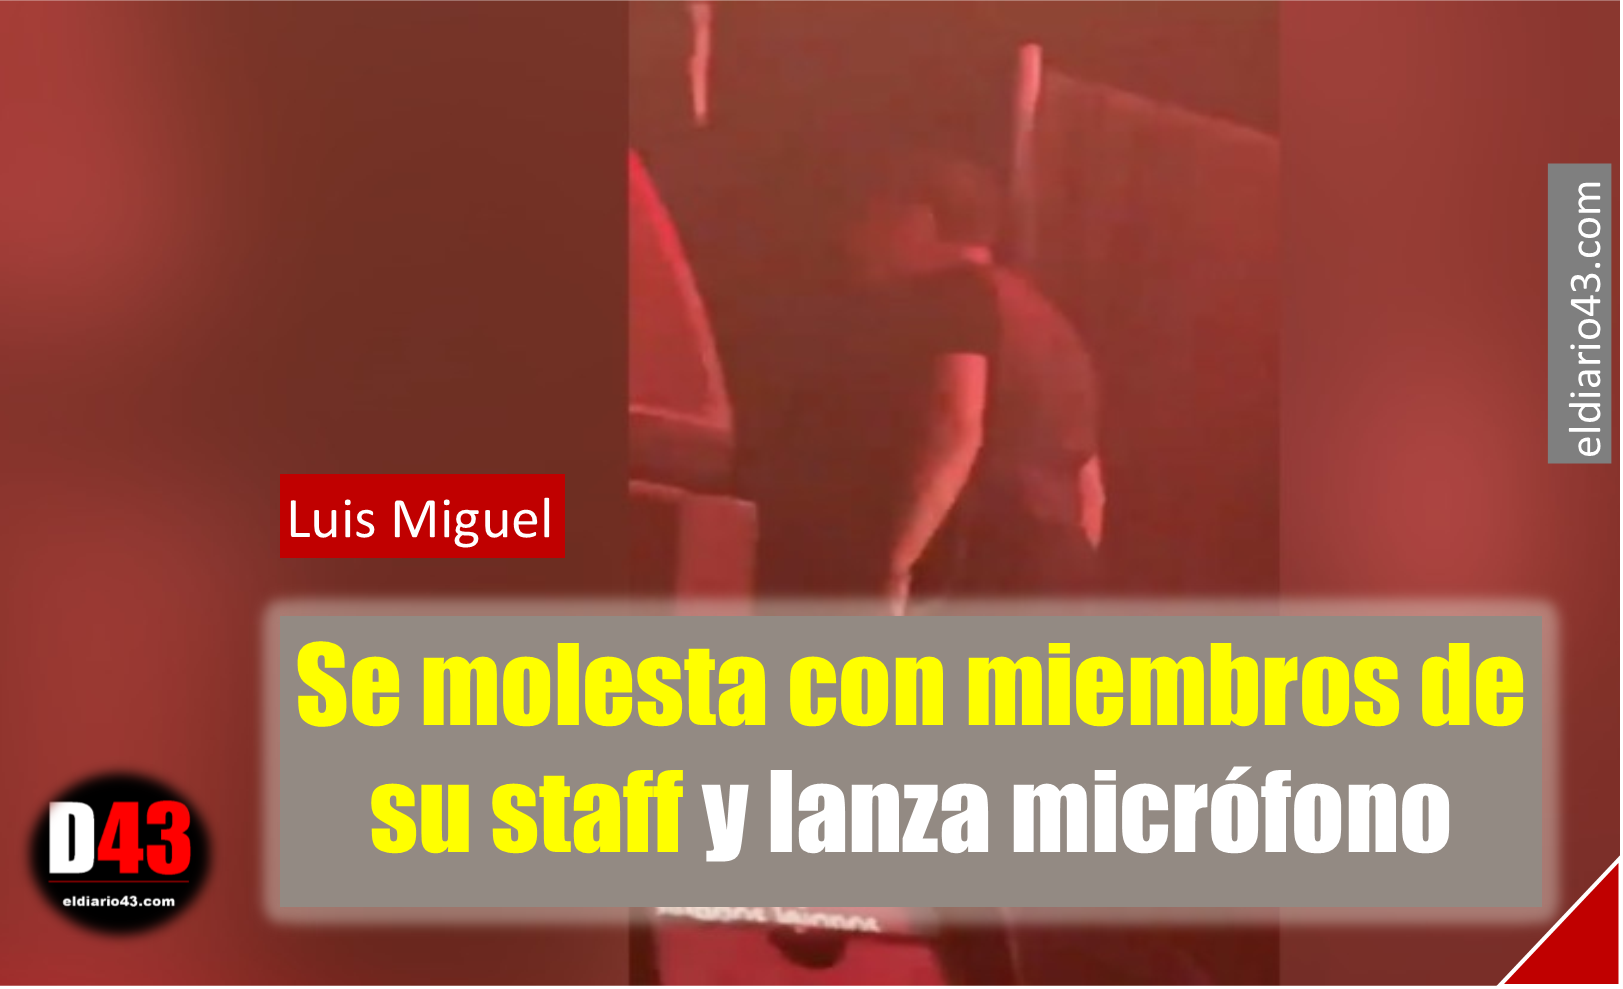 """""""El Sol"""" enfurece y lanza micrófono a su staff.."""